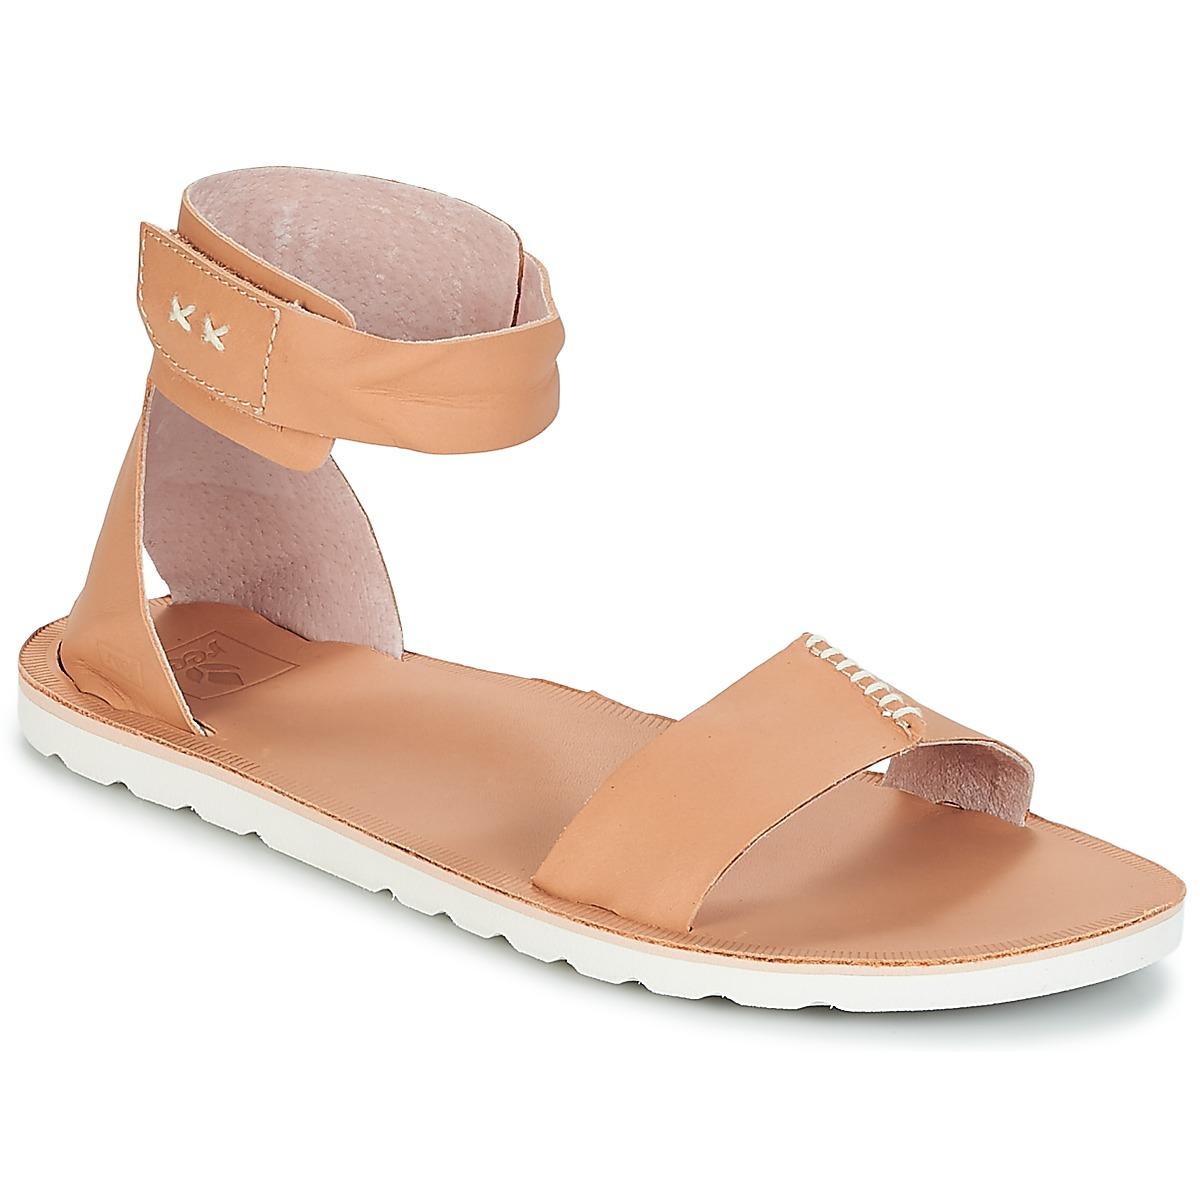 Reef REEF VOYAGE HI Beige - Kostenloser Versand bei Spartoode ! - Schuhe Sandalen / Sandaletten Damen 63,99 €